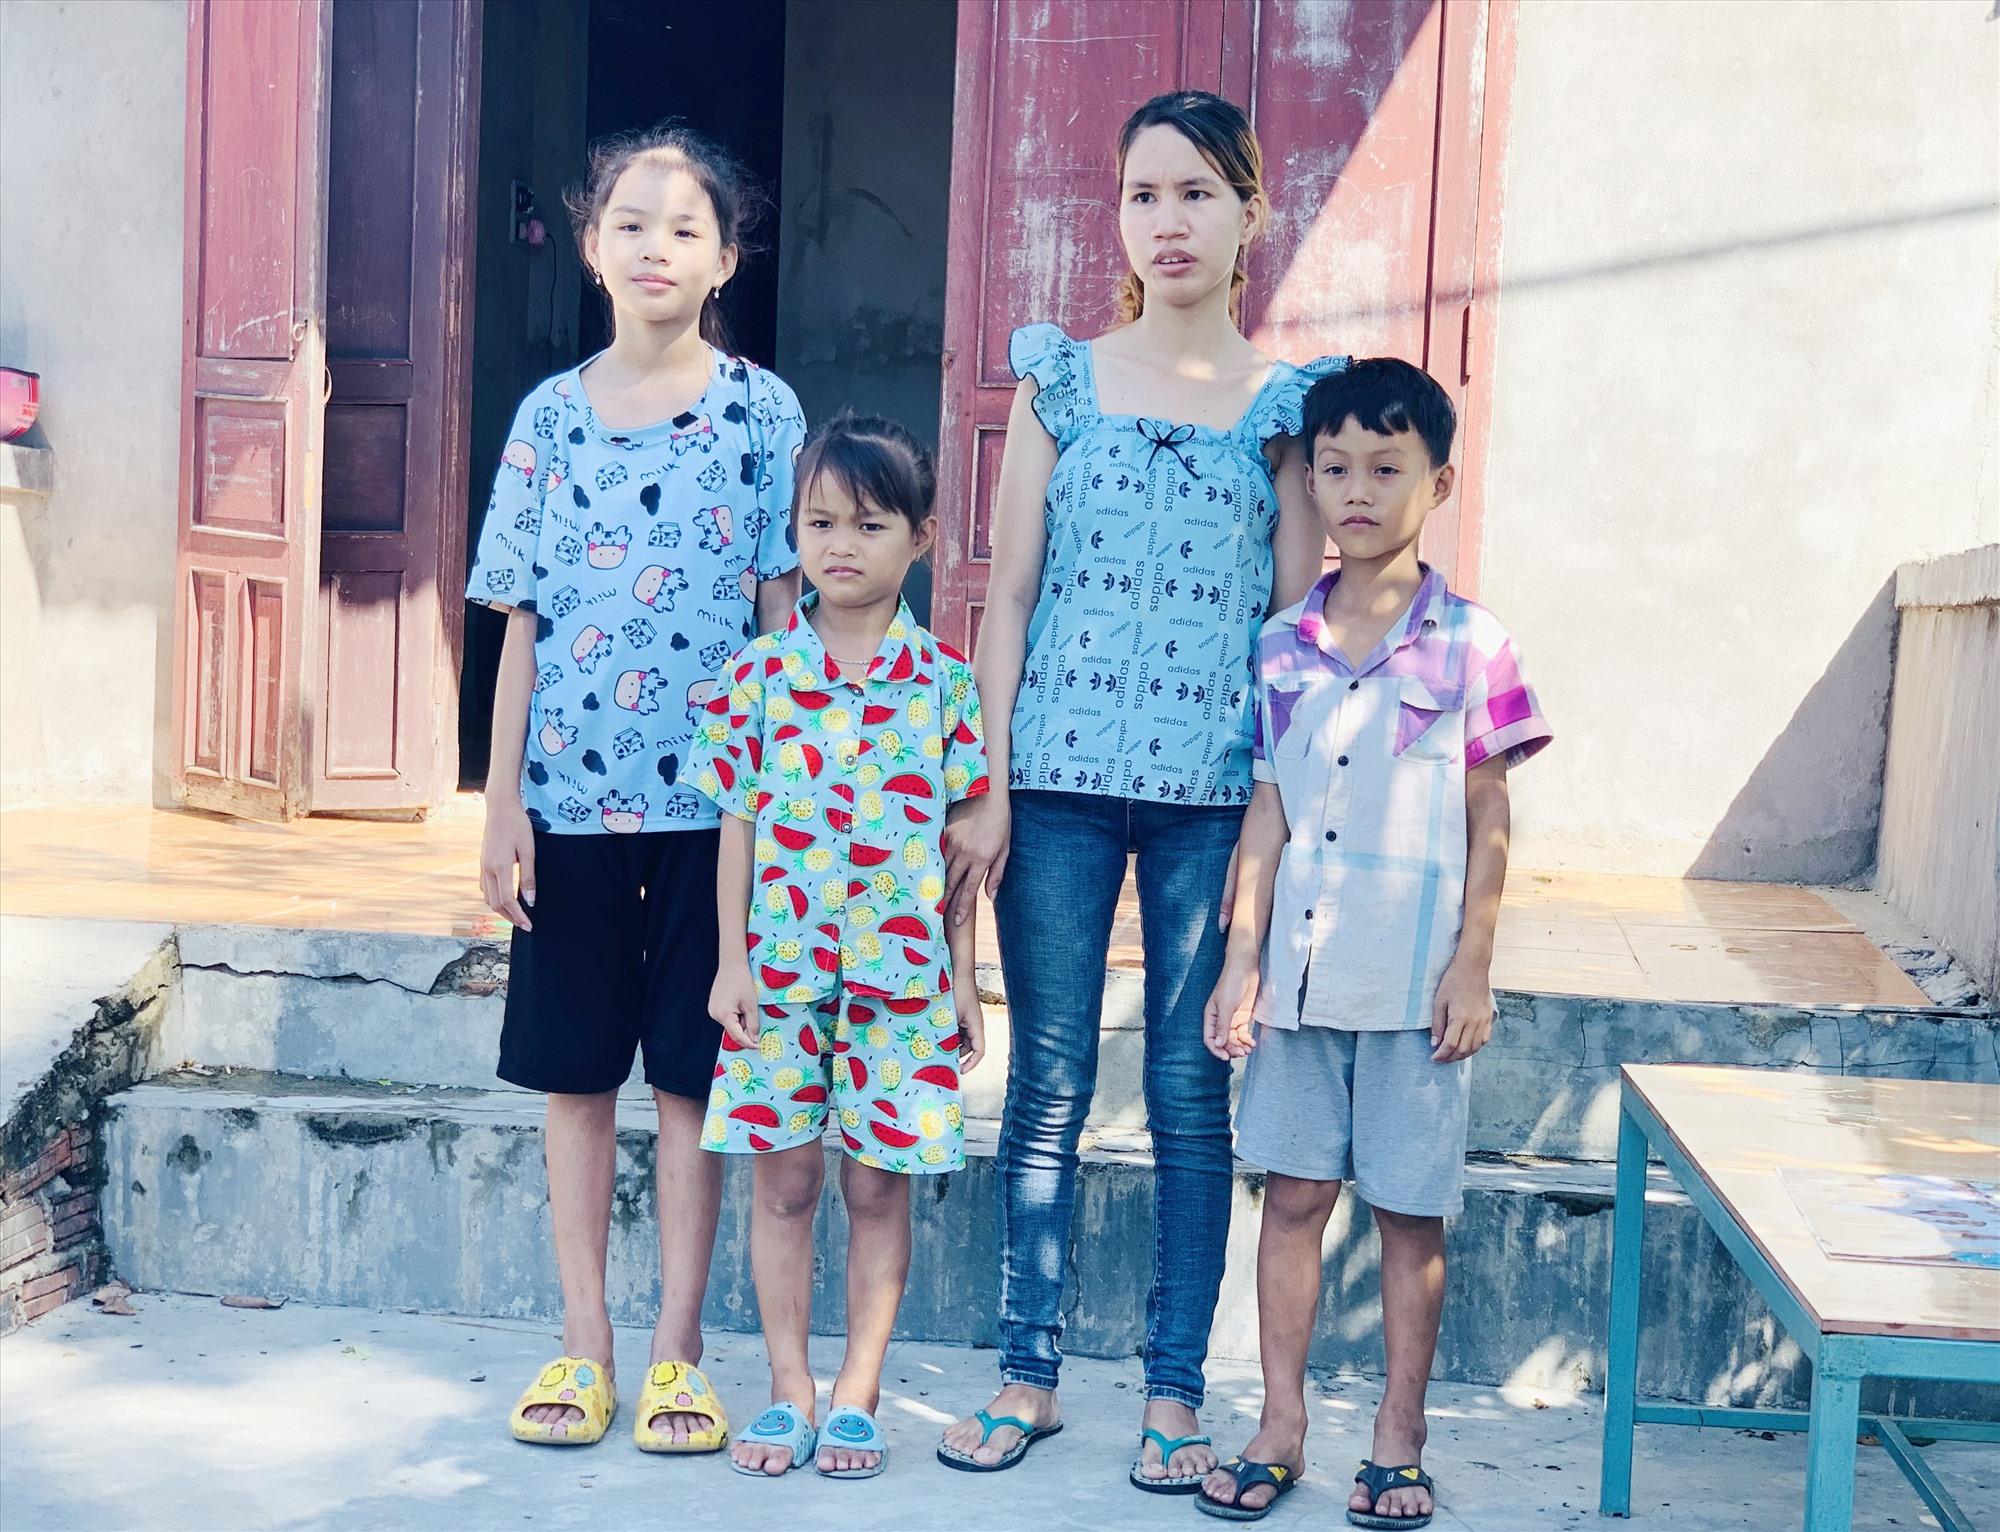 Gia cảnh chị Lê Thị Liên hết sức khó khăn, cần sự sẻ chia của cộng đồng. Ảnh: T.S